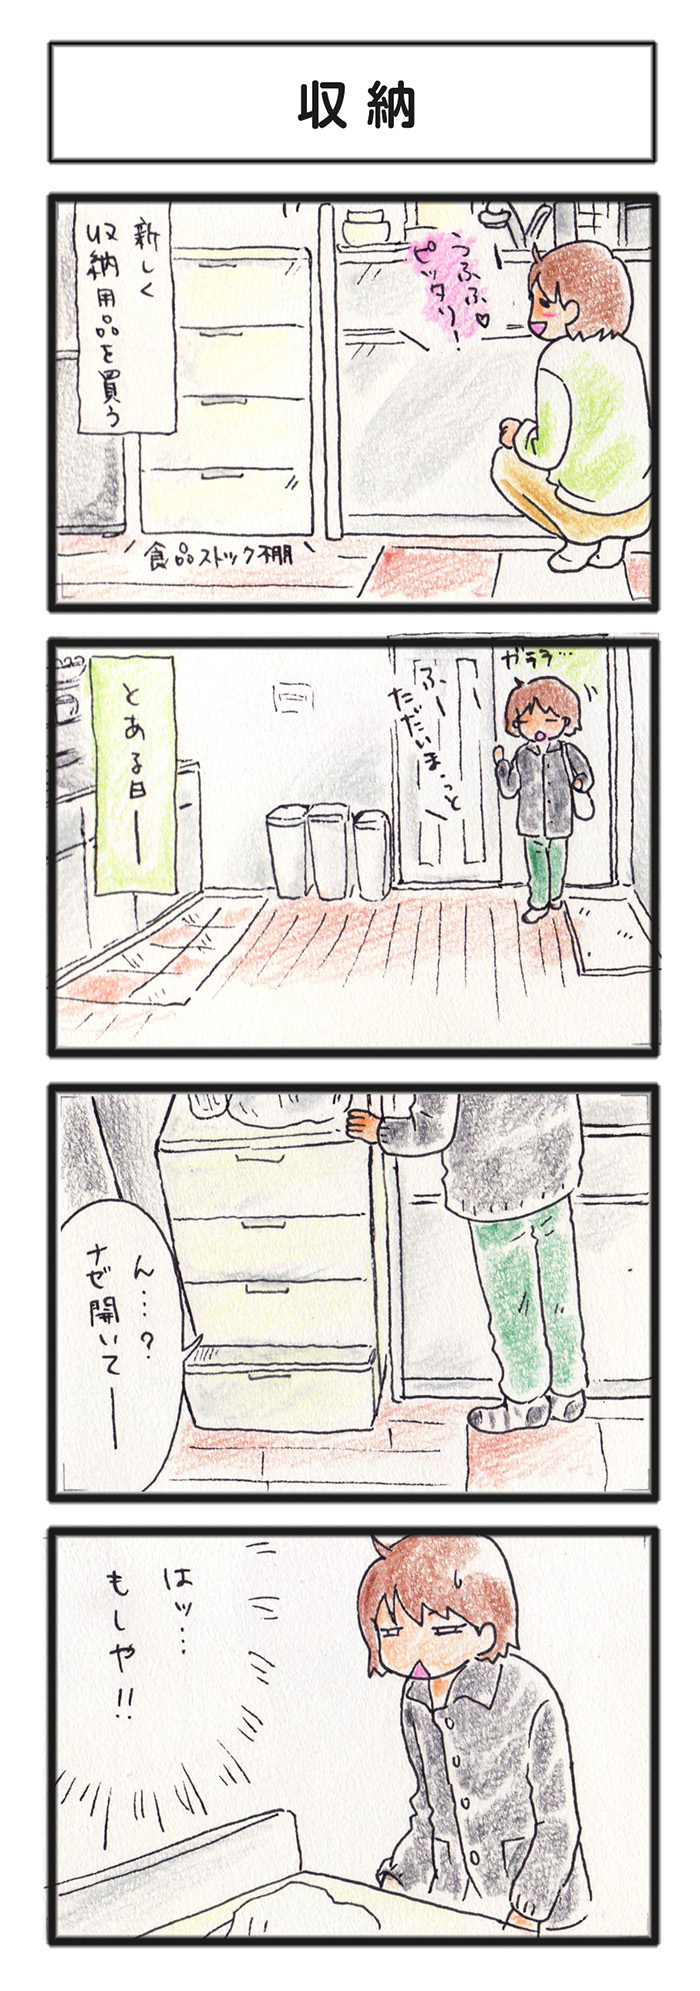 comic_4c_14120901.jpg